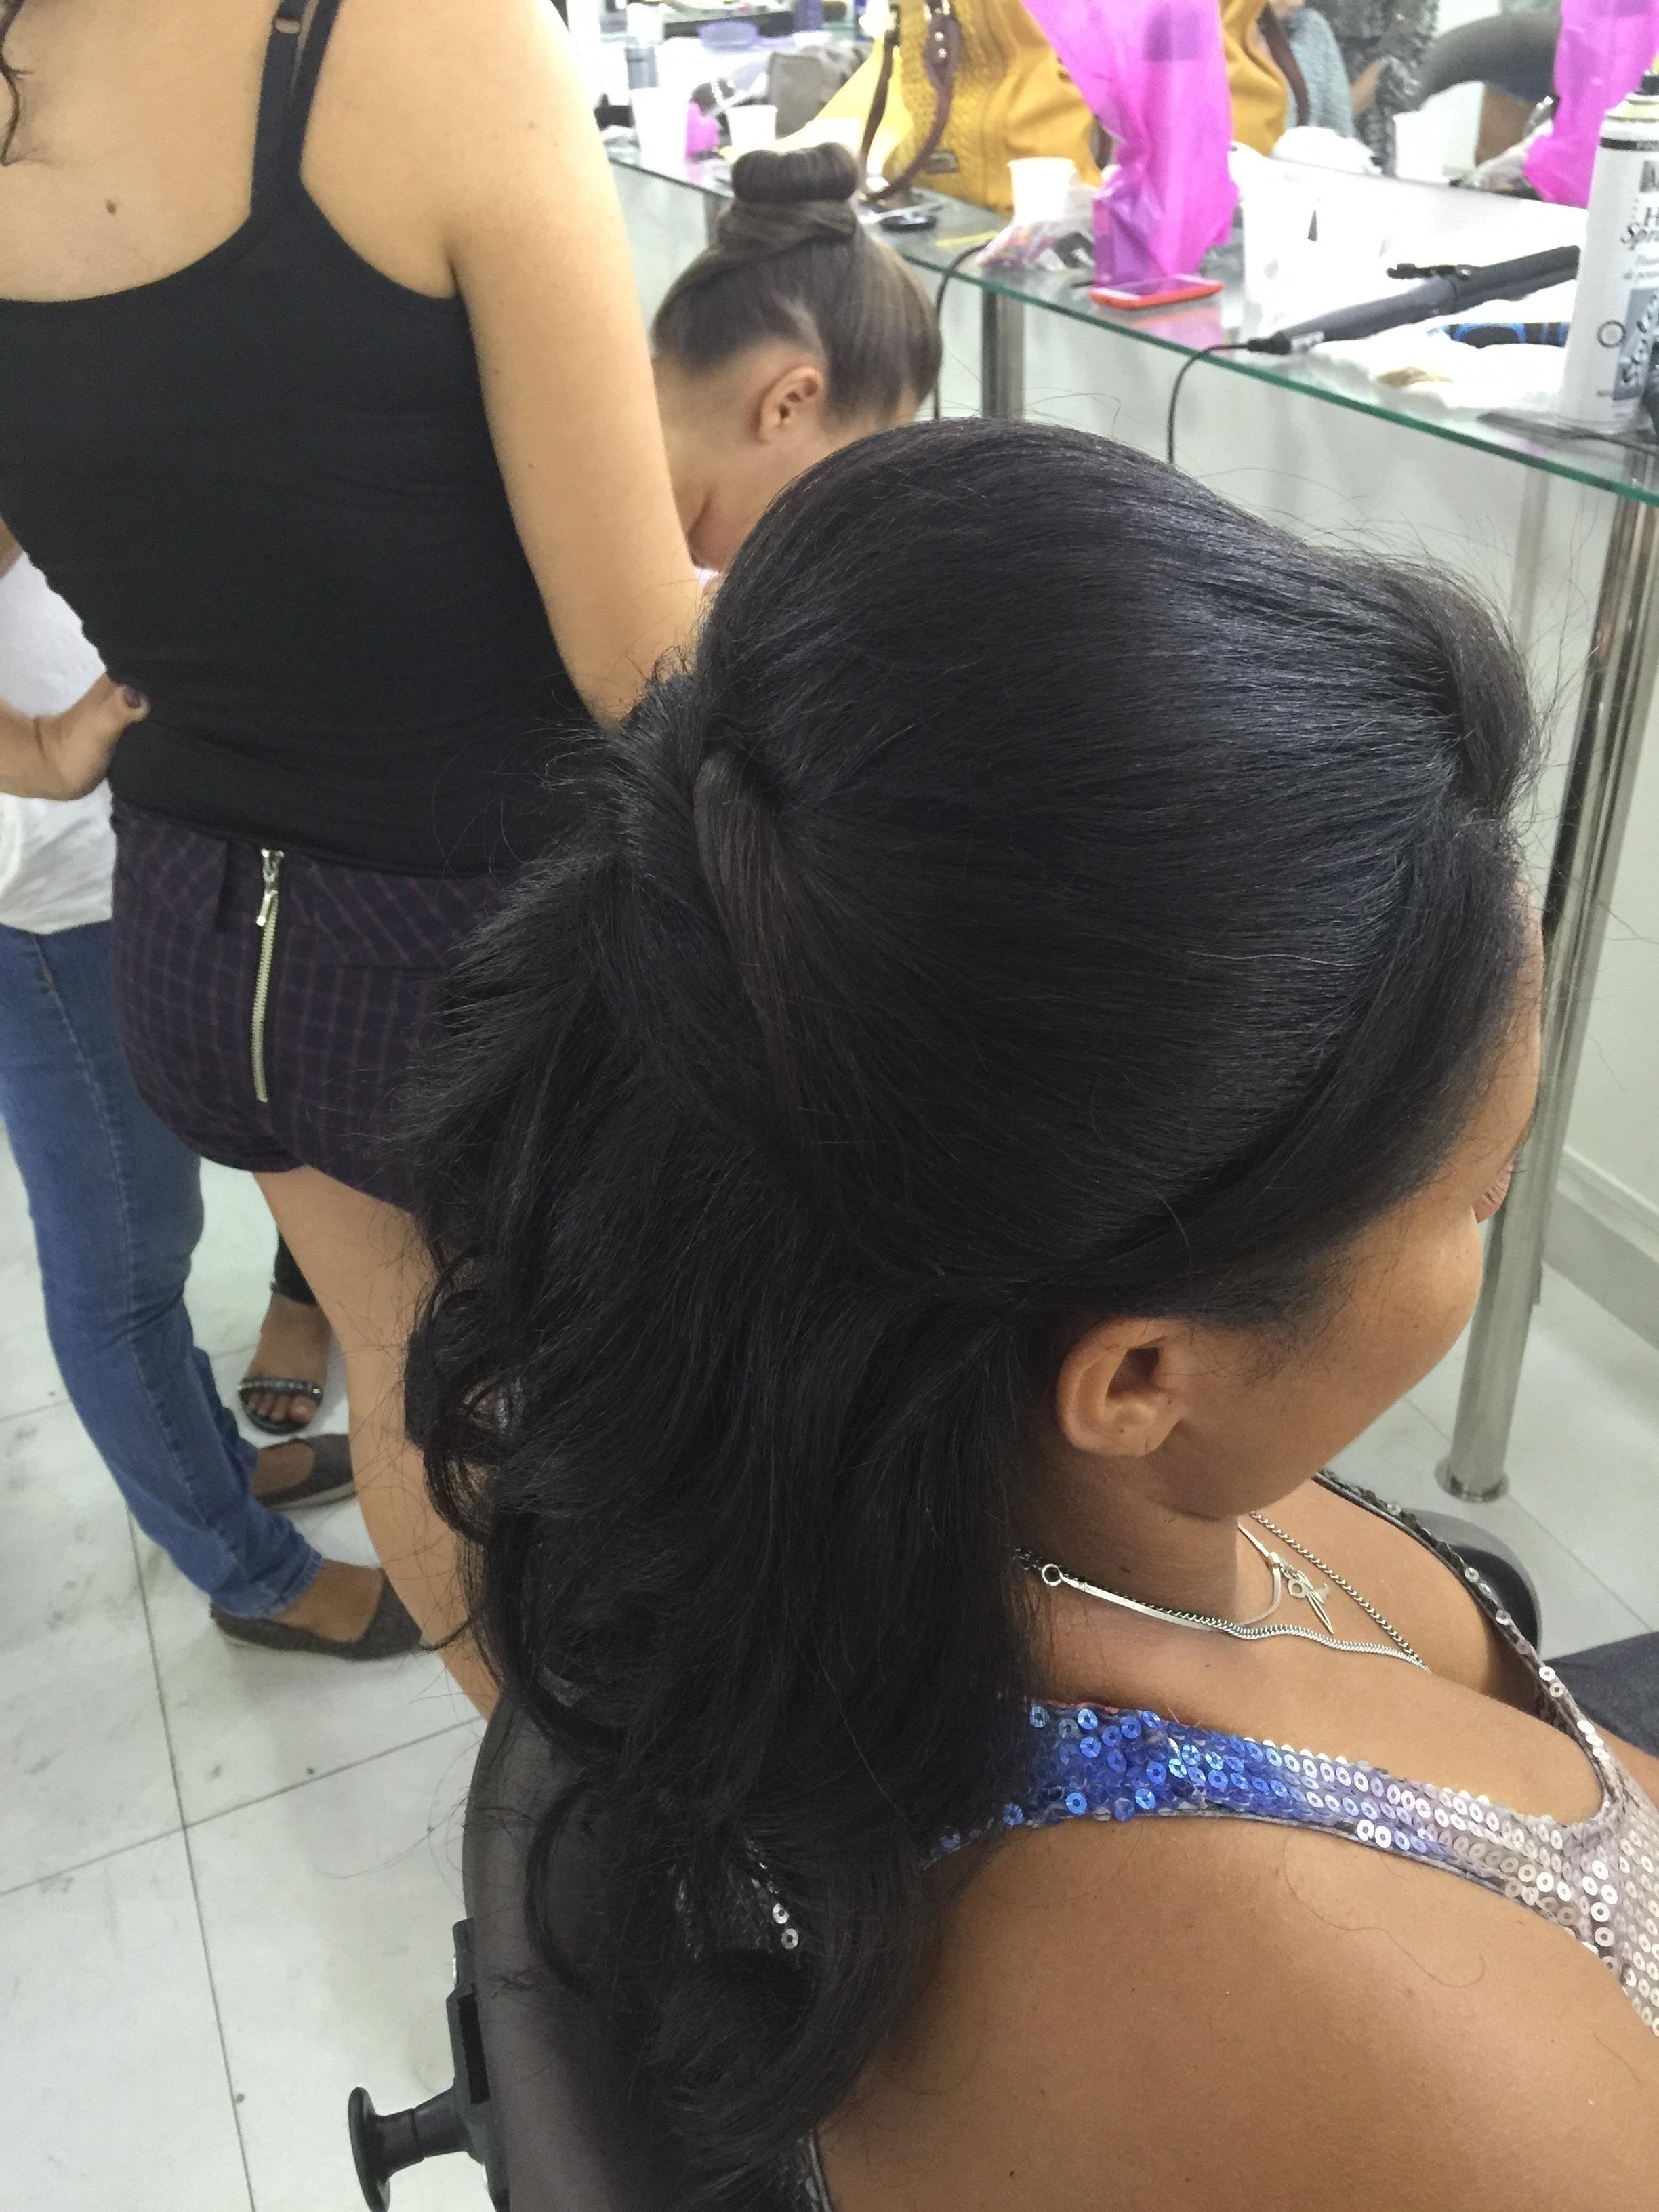 Penteado Semipreso maquiador(a)